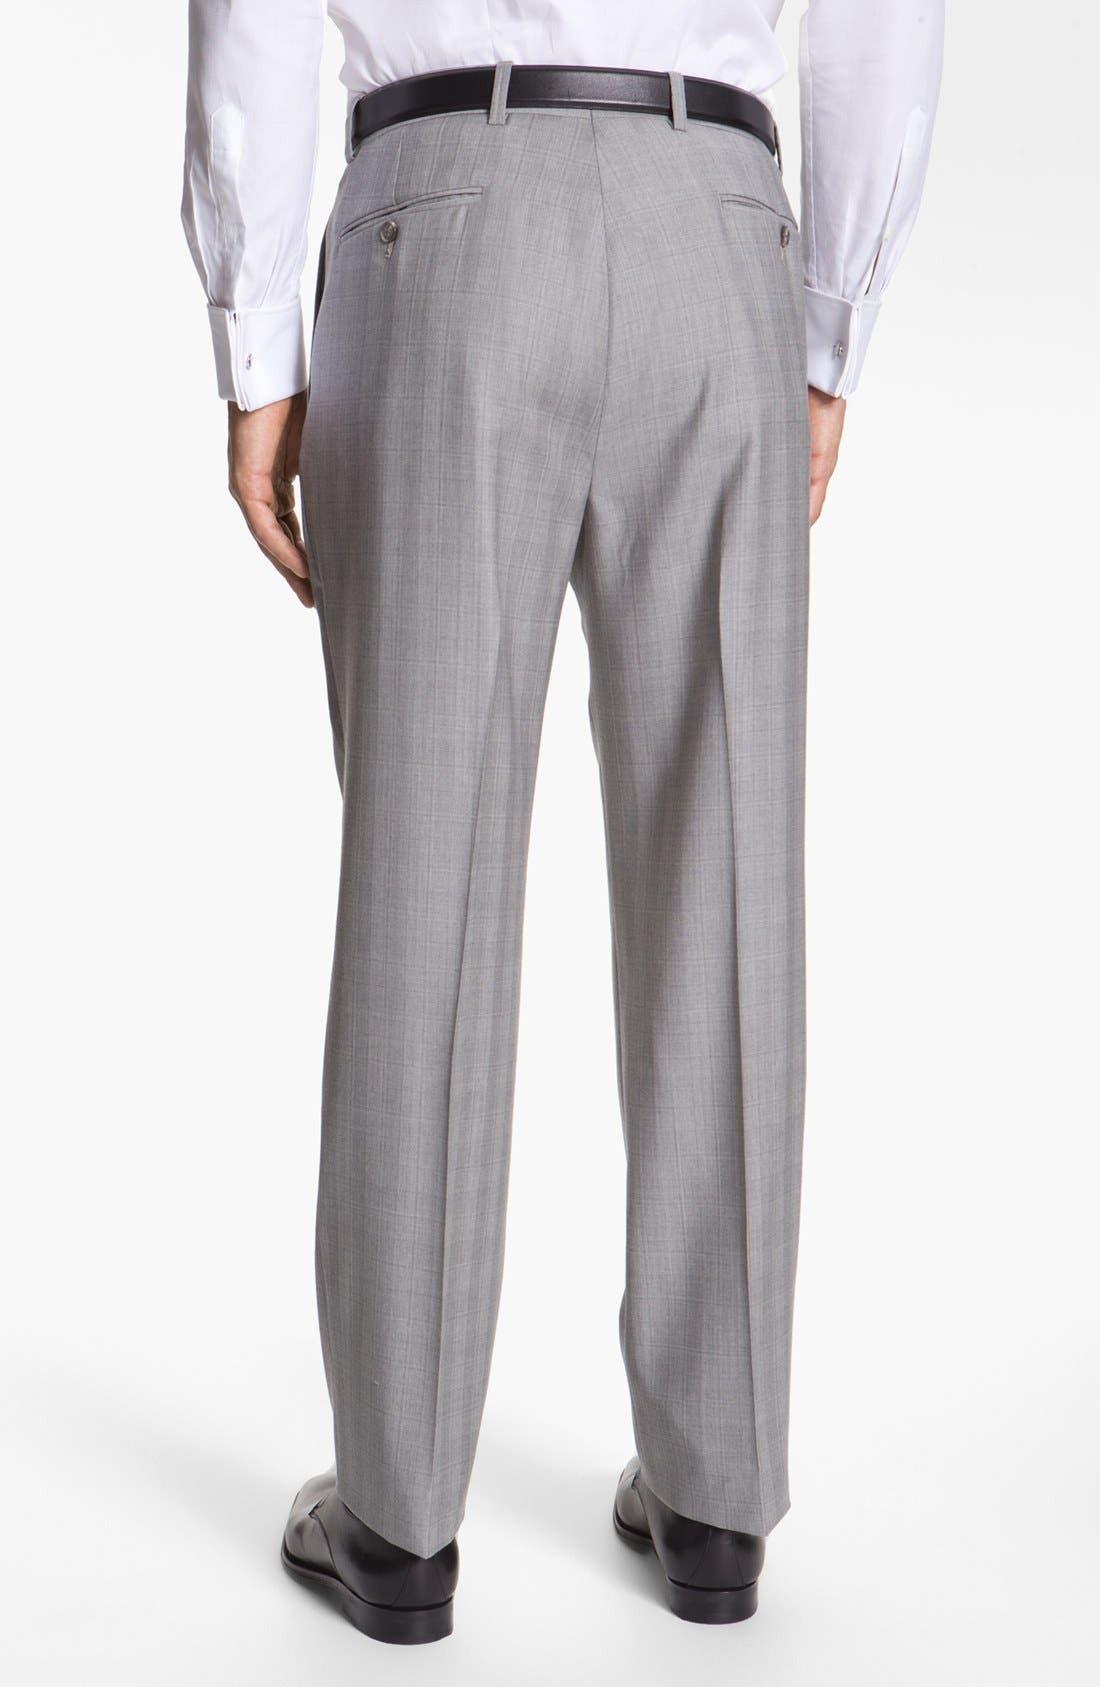 JOSEPH ABBOUD,                             'Platinum' Double Breasted Suit,                             Alternate thumbnail 2, color,                             050